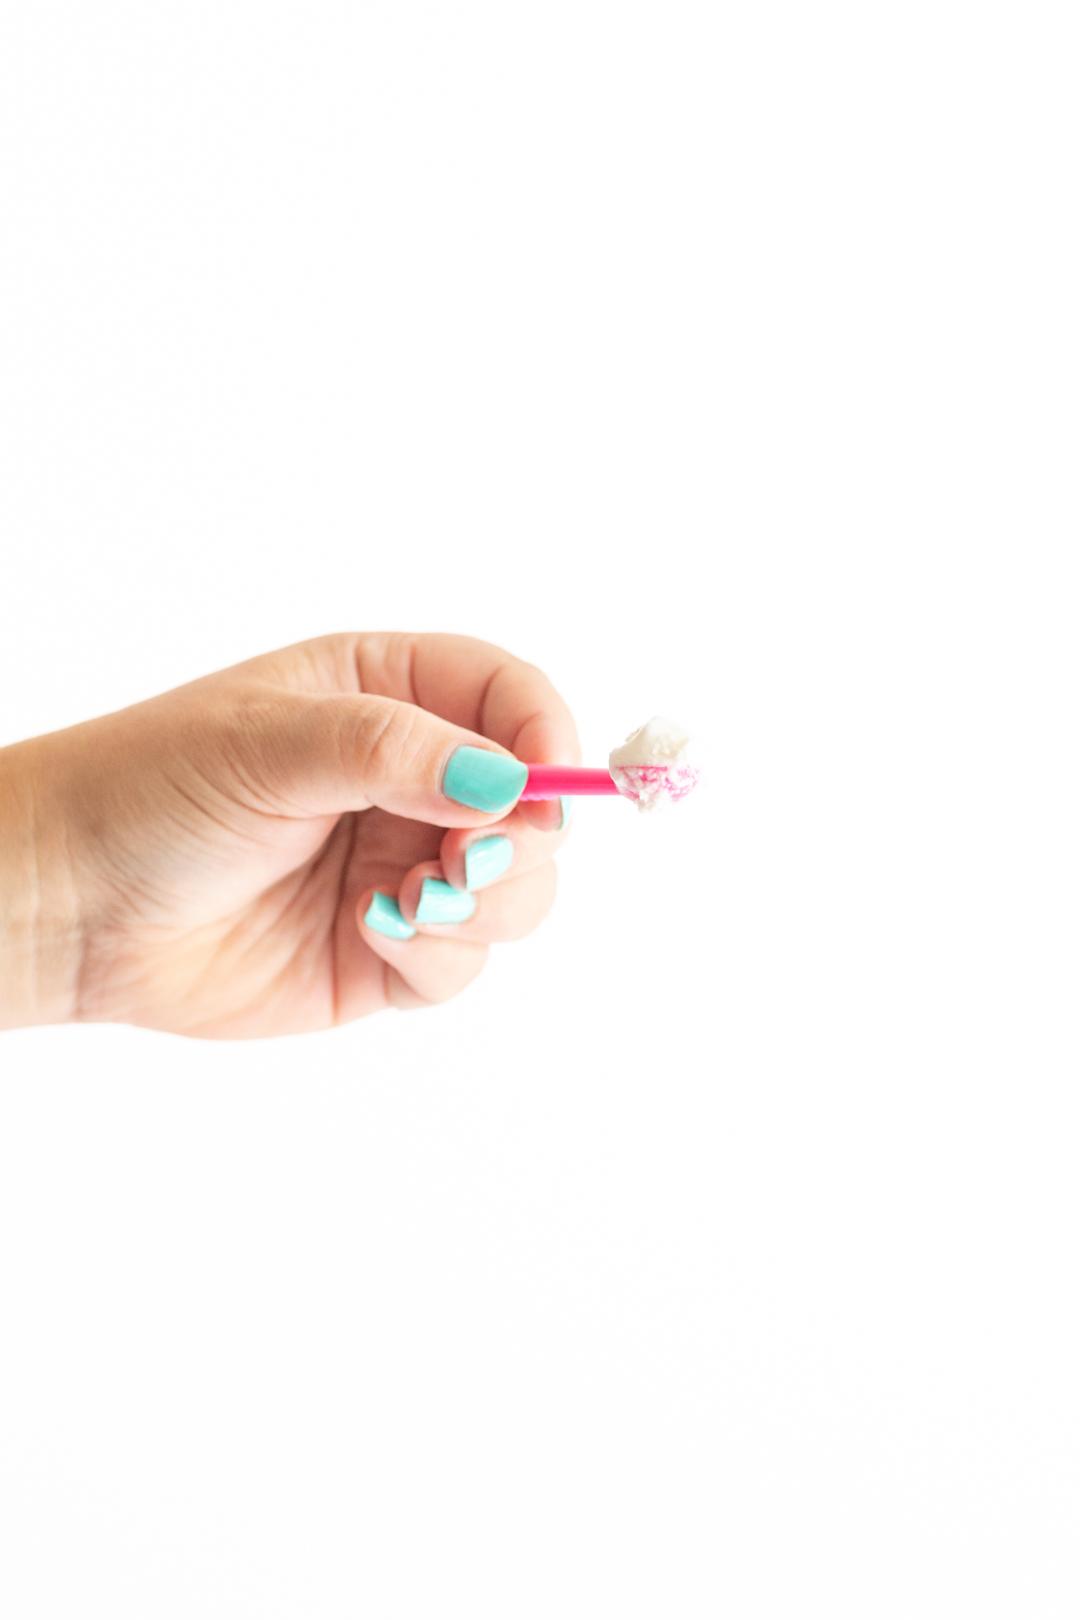 tiny pink ice cream scoop with tiny scoop of vanilla ice cream on top